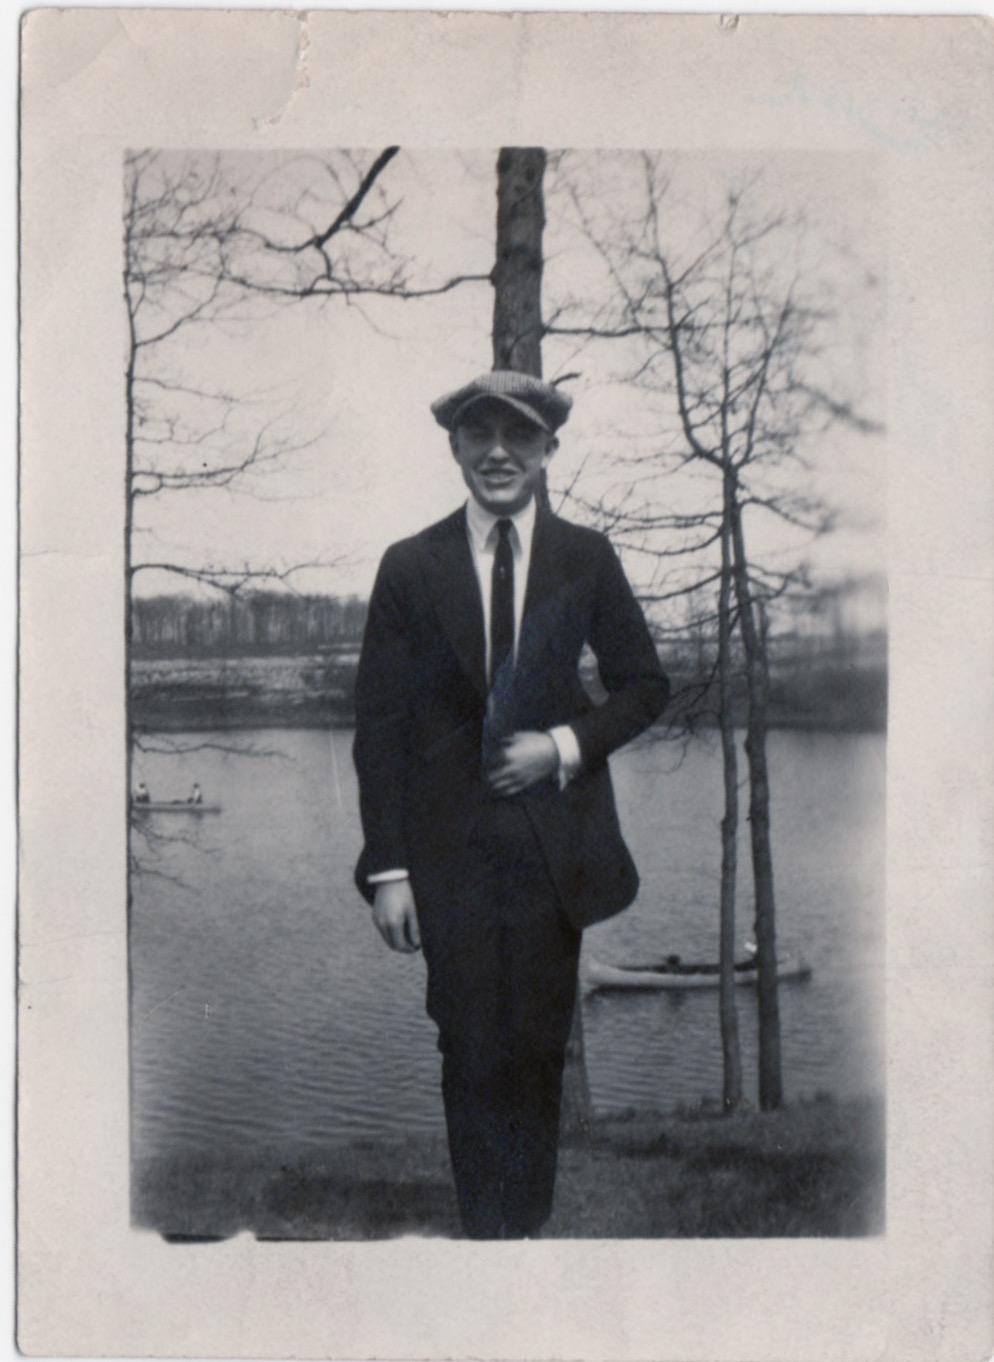 Arthur B. Sears (1900-1964) around 1919